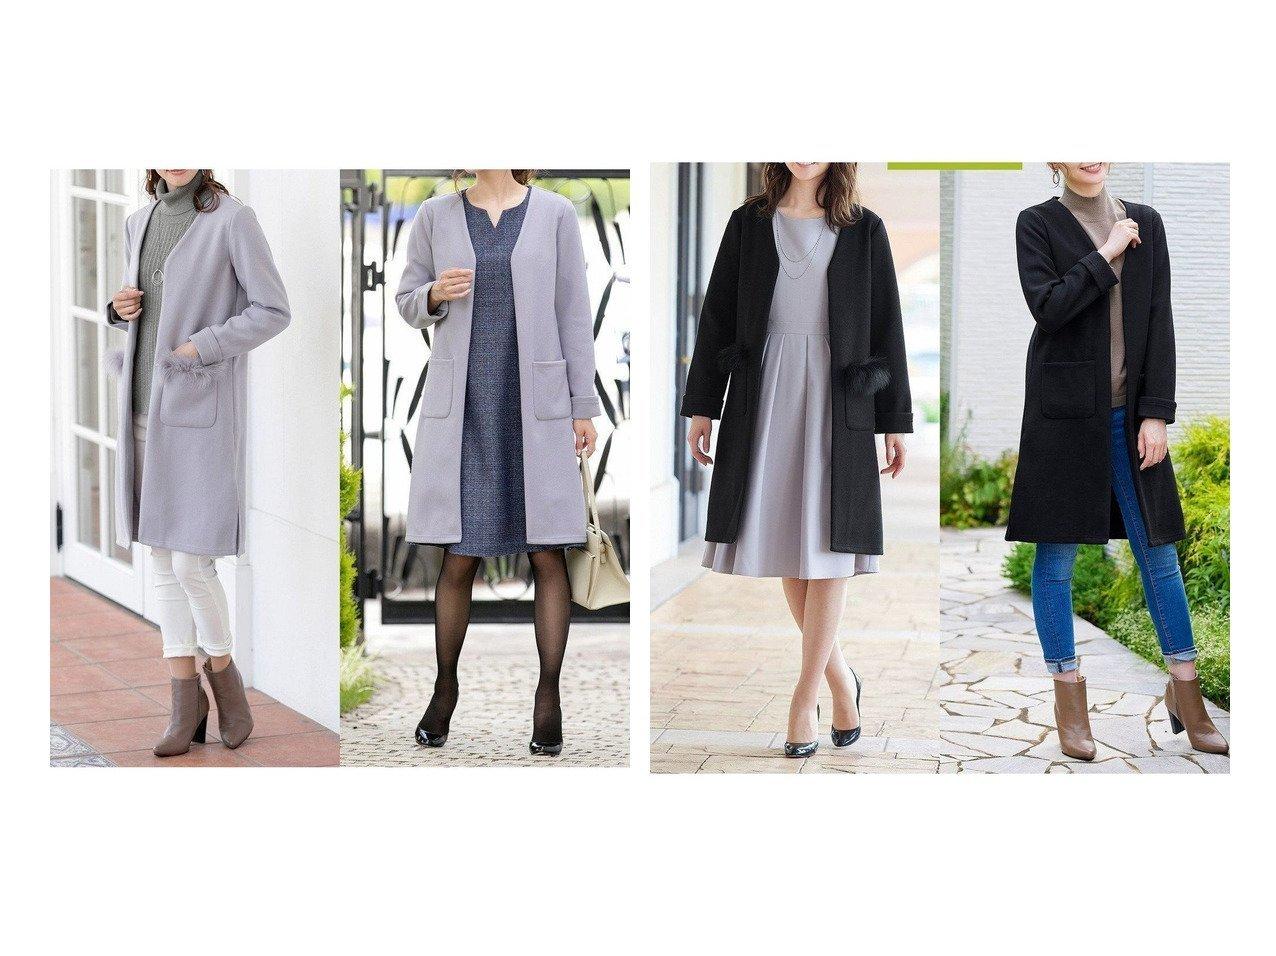 【Tiaclasse/ティアクラッセ】の【2WAY】さらっと羽織れるFOXファーコート おすすめ!人気、トレンド・レディースファッションの通販 おすすめで人気の流行・トレンド、ファッションの通販商品 インテリア・家具・メンズファッション・キッズファッション・レディースファッション・服の通販 founy(ファニー) https://founy.com/ ファッション Fashion レディースファッション WOMEN アウター Coat Outerwear コート Coats ジャケット Jackets 送料無料 Free Shipping おすすめ Recommend ガウン ジャケット ポケット 冬 Winter 無地 秋 Autumn/Fall |ID:crp329100000072350